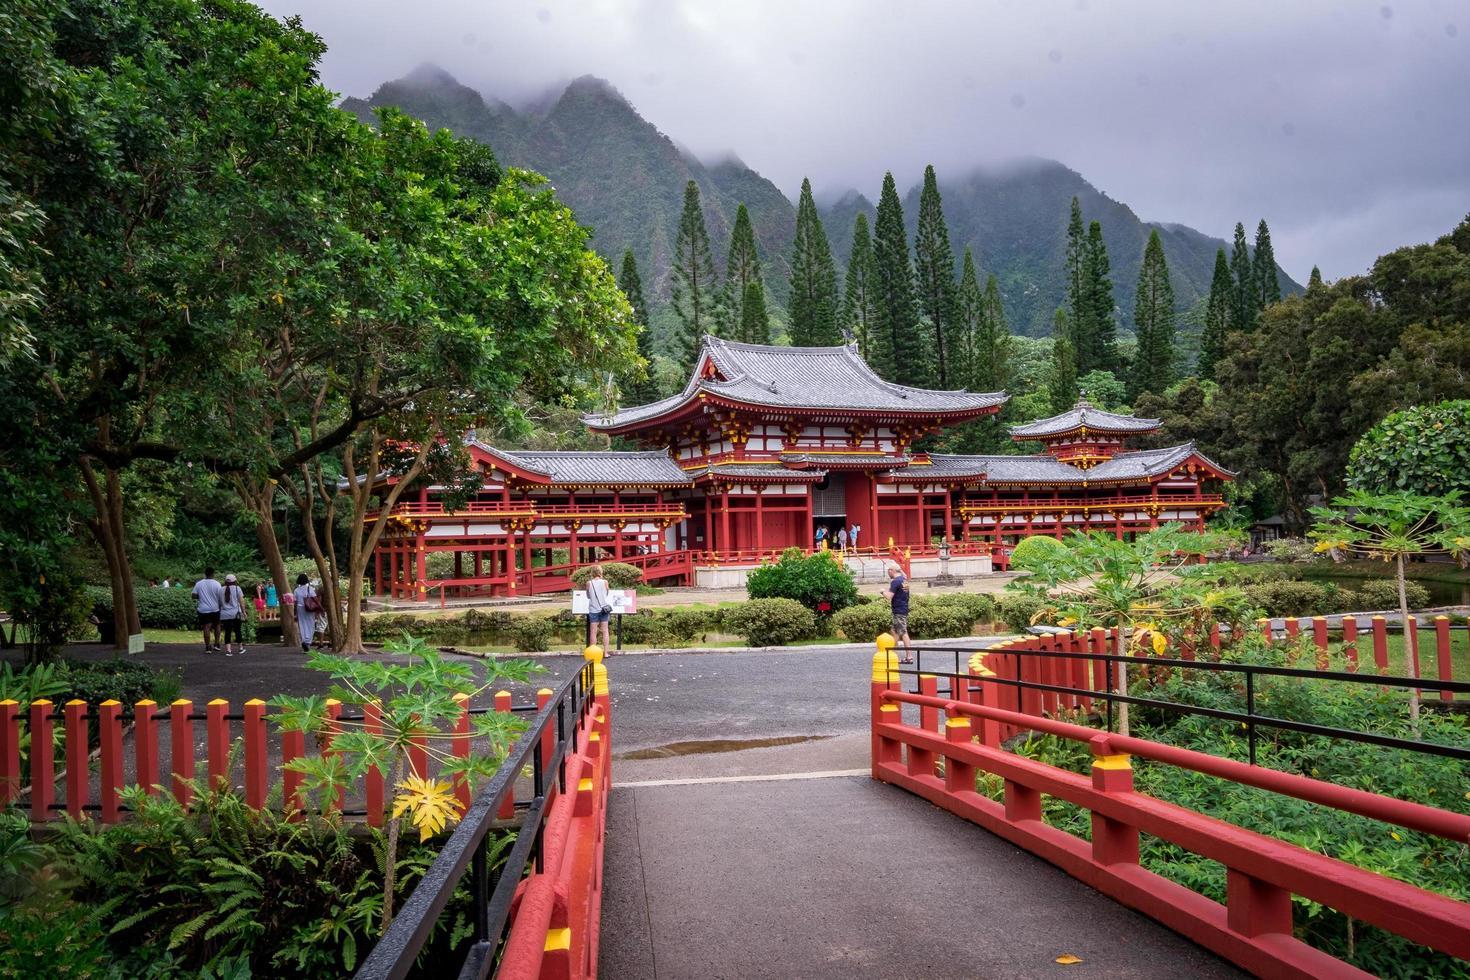 templo vermelho cercado por árvores foto